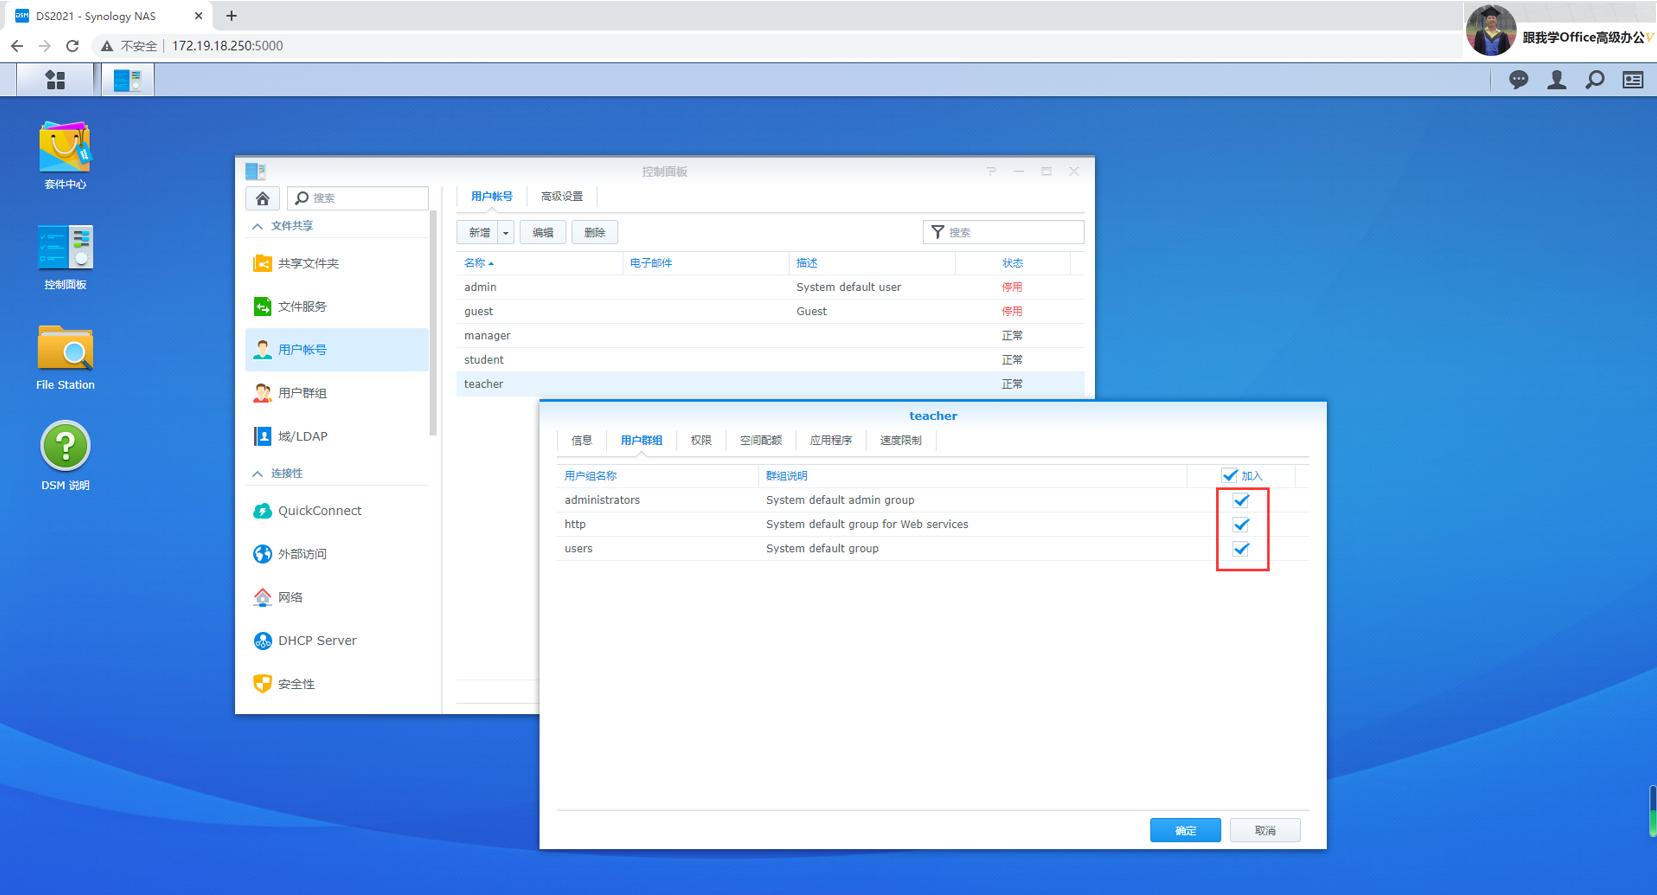 不得不看:别样于Server-U的群晖文件存储服务器的搭建与使用